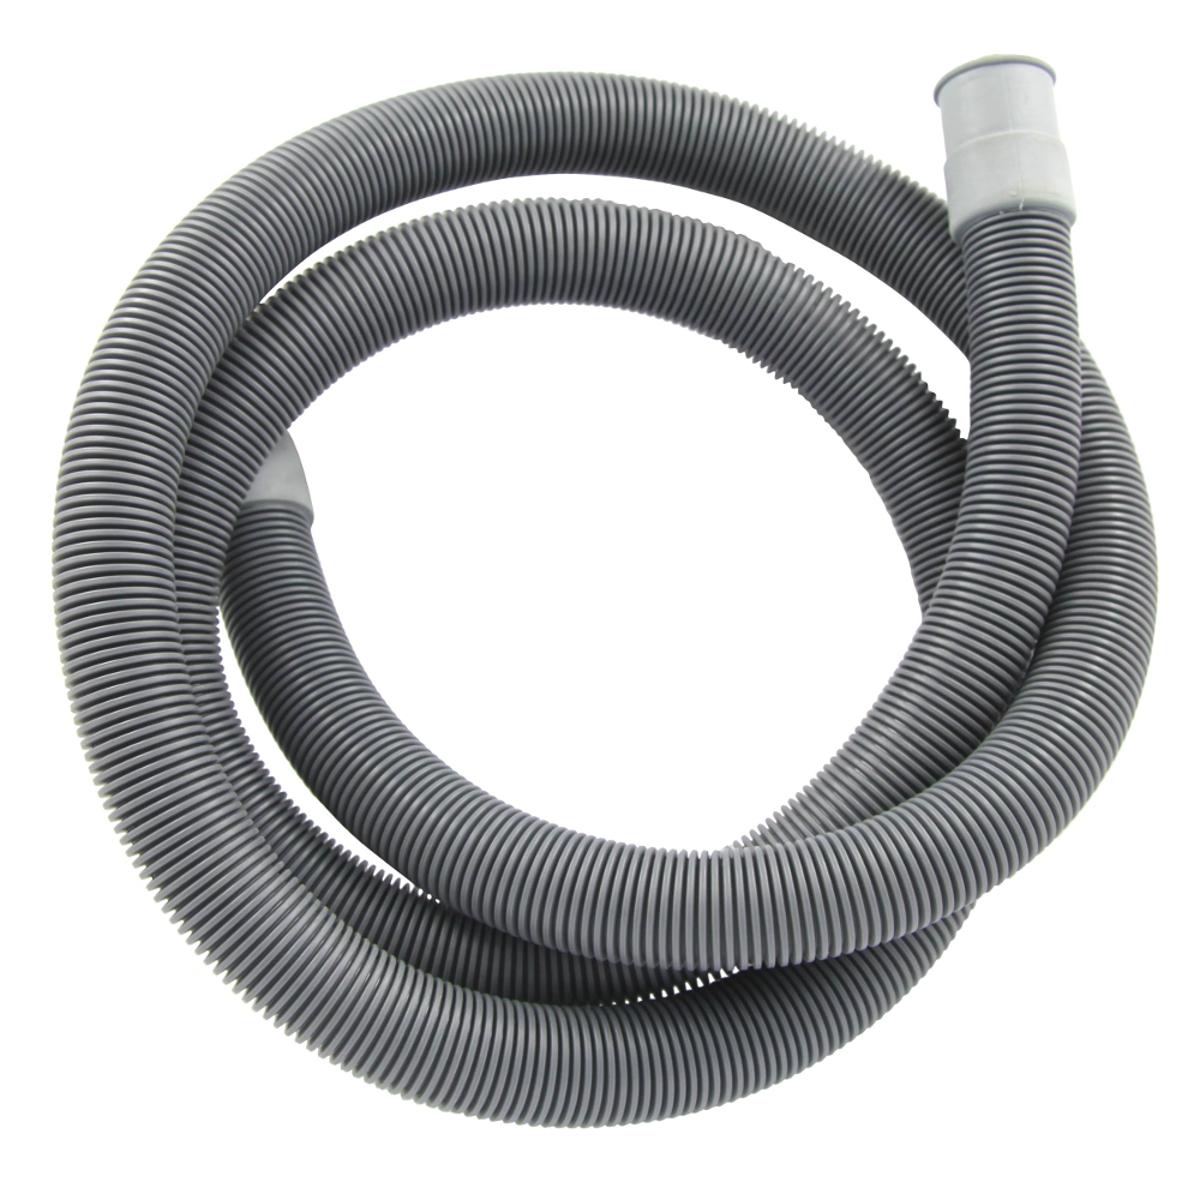 Шланг заливной для стиральной машины Зип-Флекс, 1,5 мИС.100326Шланг заливной Зип-Флекс предназначен для отвода воды. Используется для подключения стиральных и посудомоечных машин к системе водоснабжения.